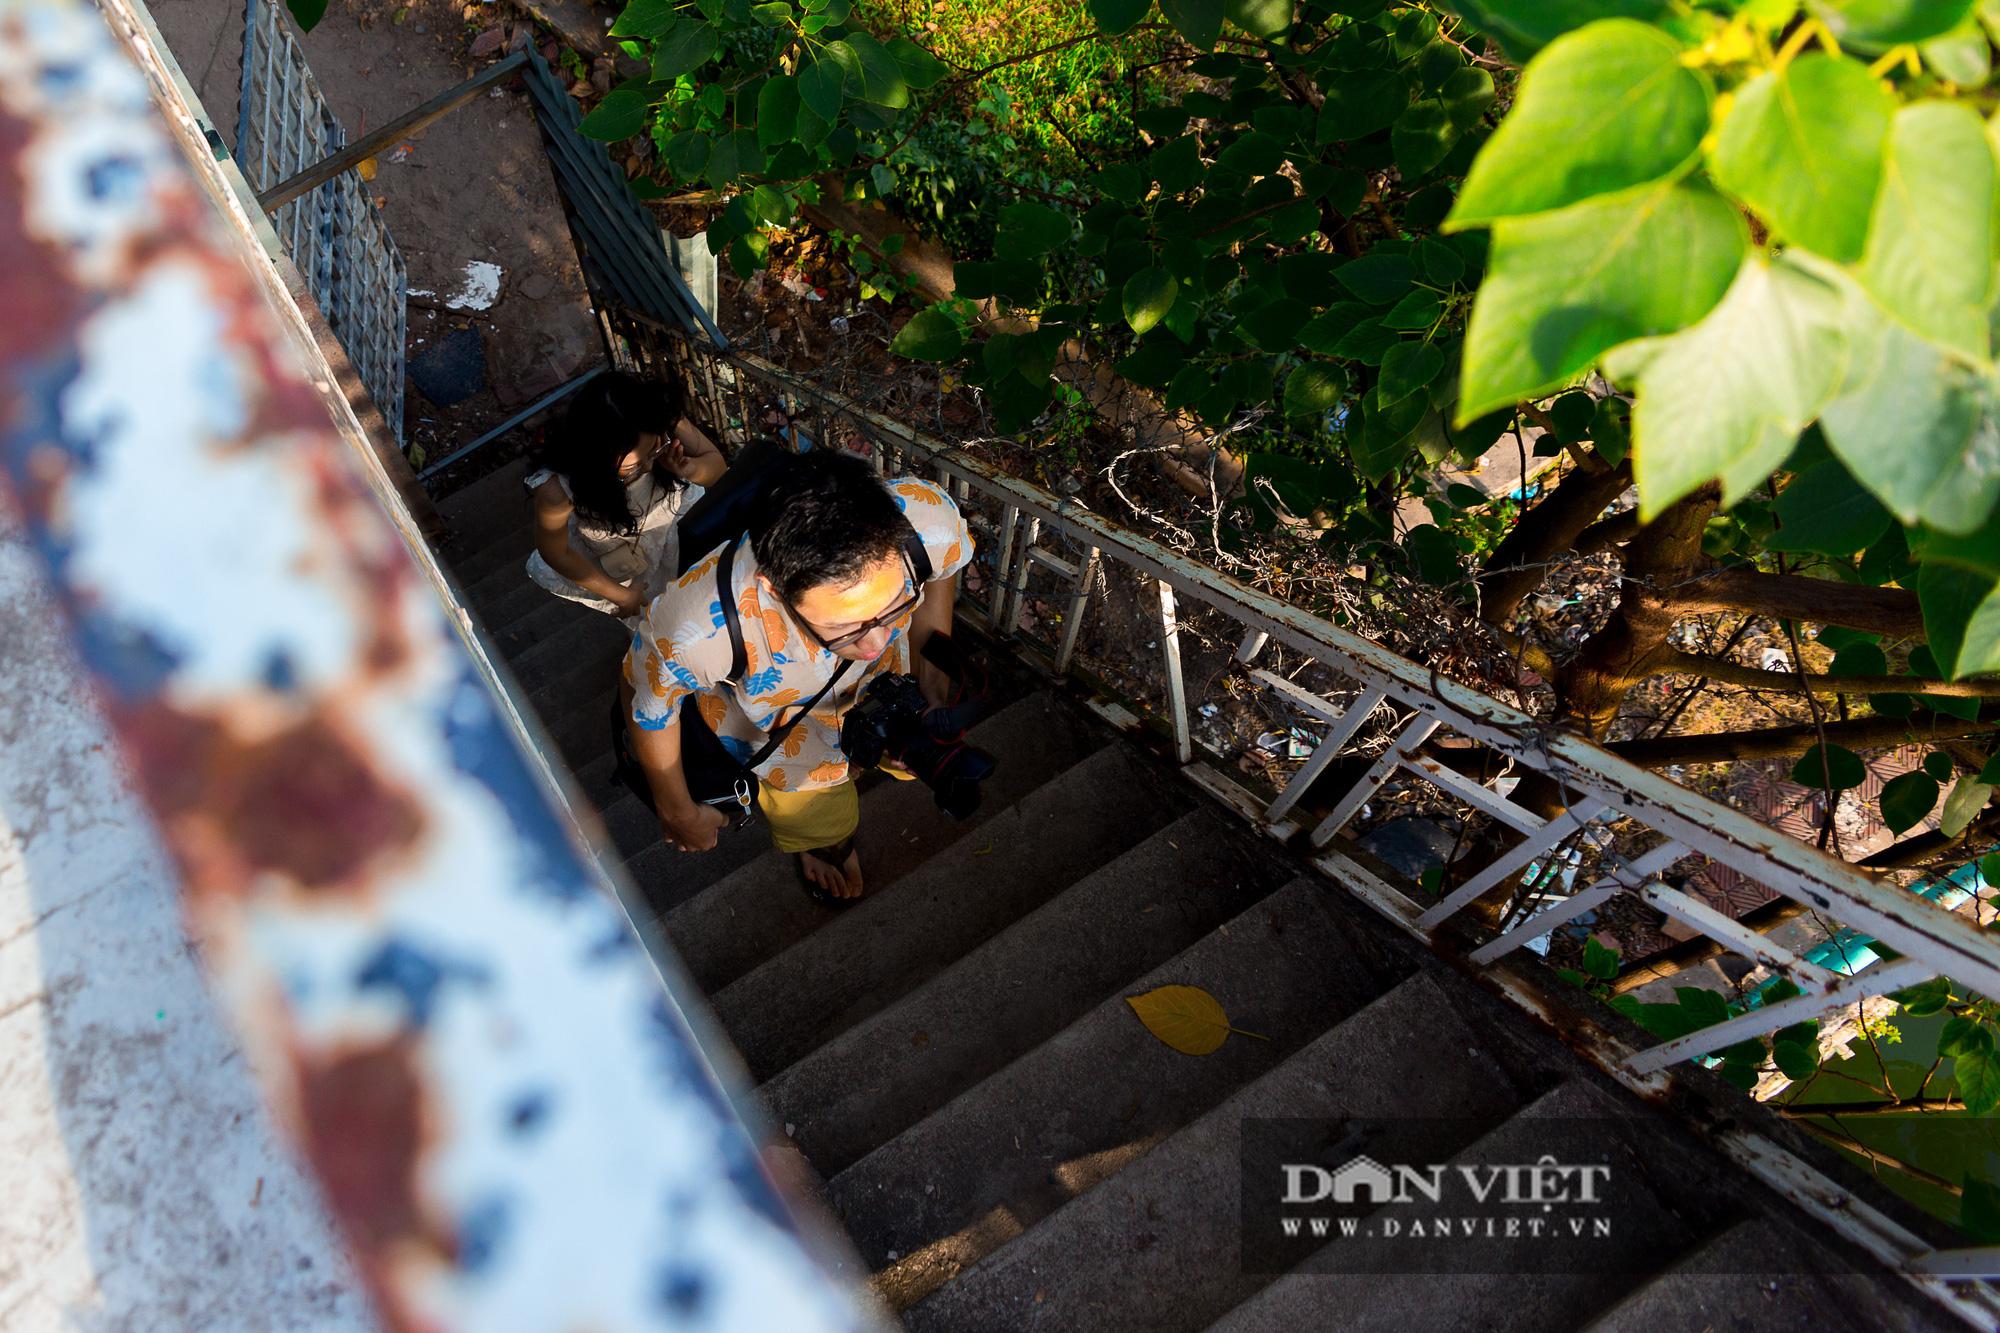 Chiêm ngưỡng hoàng hôn đẹp như mơ từ ga thủy phi cơ bỏ hoang ở Hà Nội - Ảnh 3.